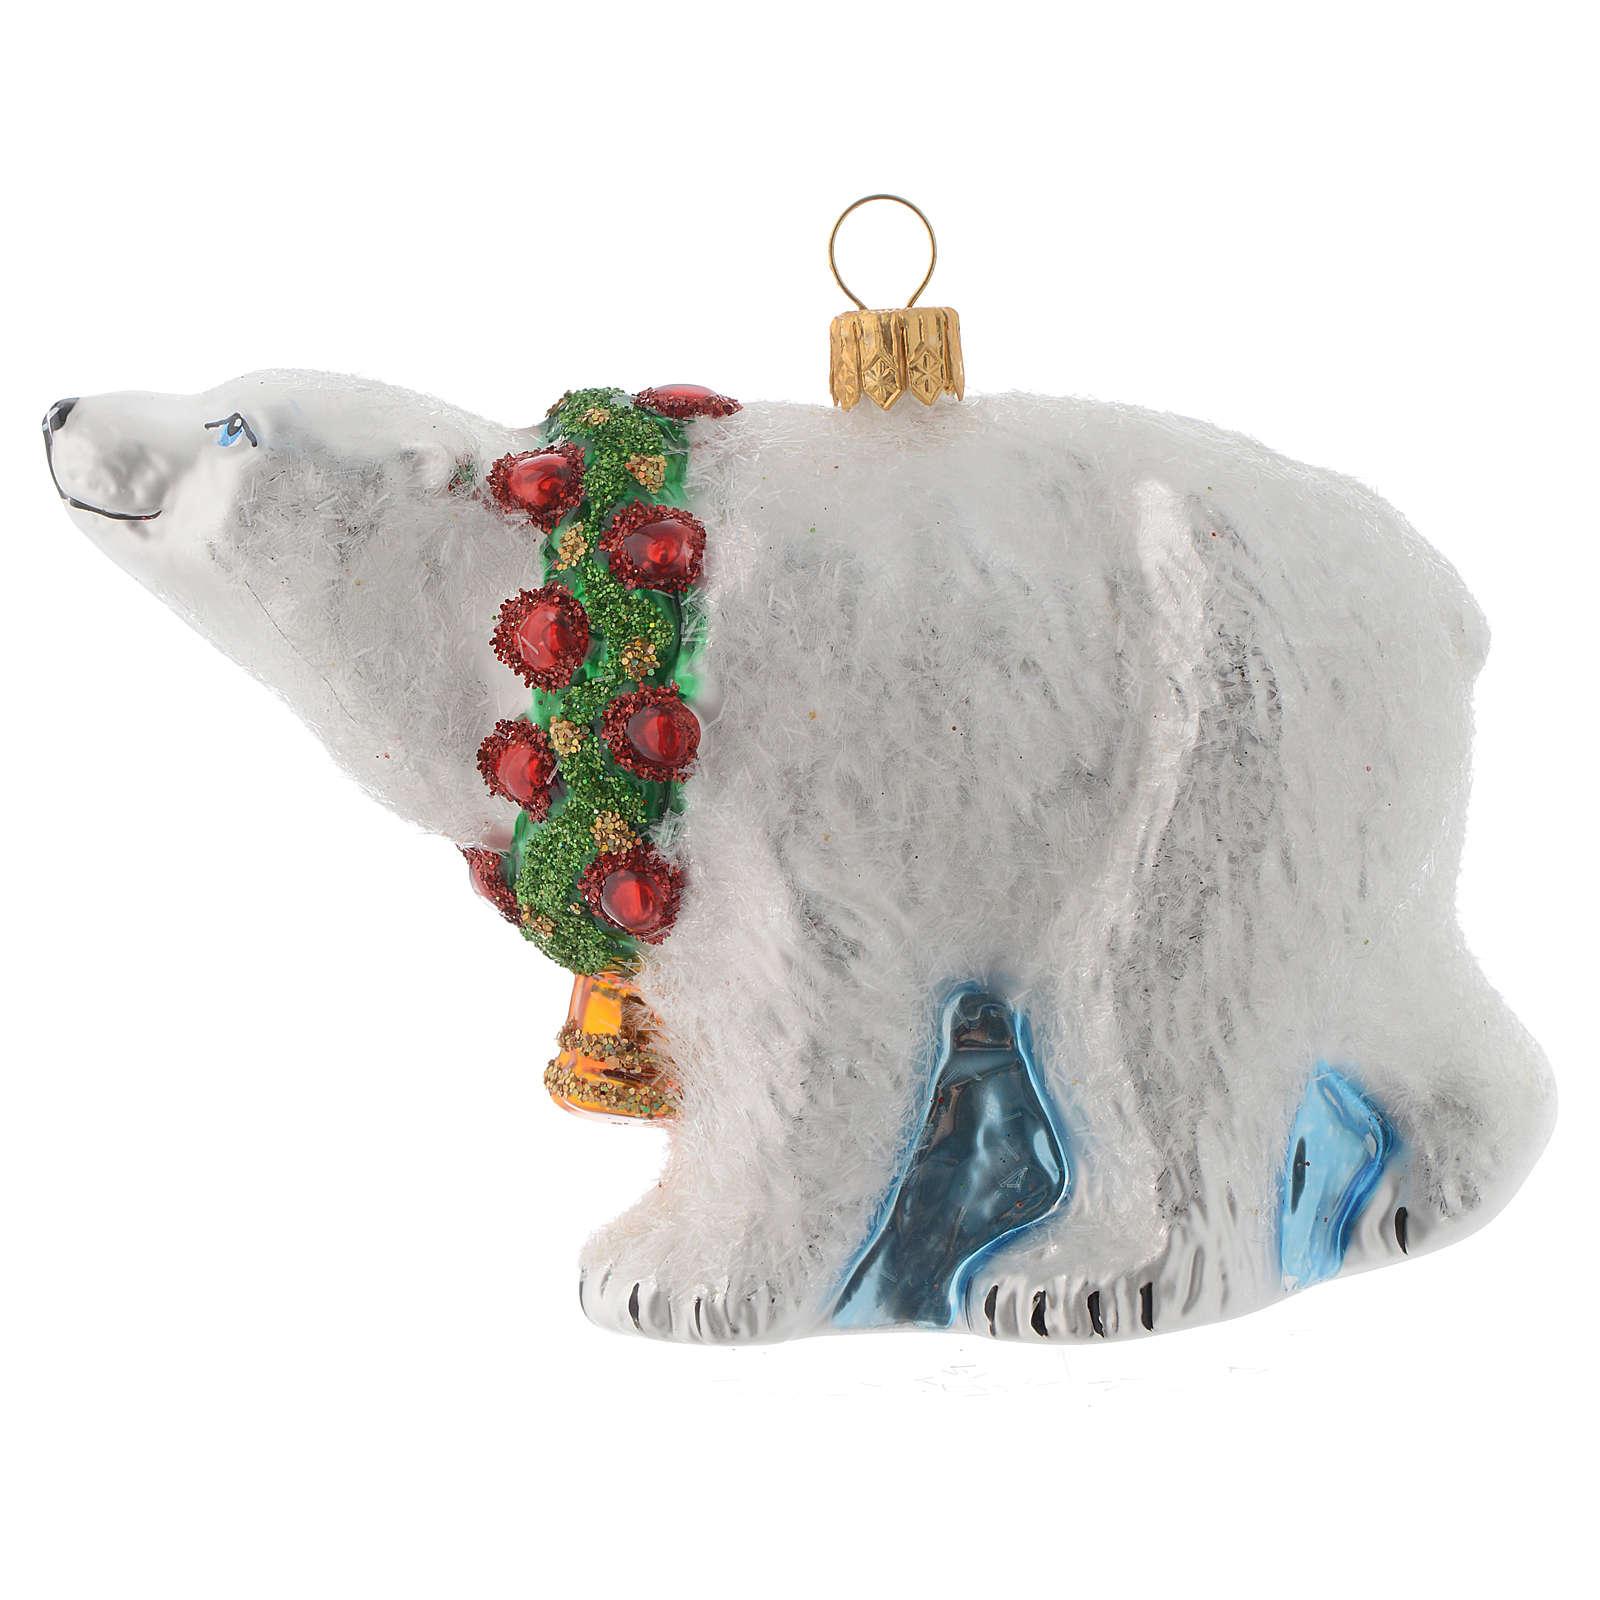 Ours polaire décor verre soufflé sapin Noël 4